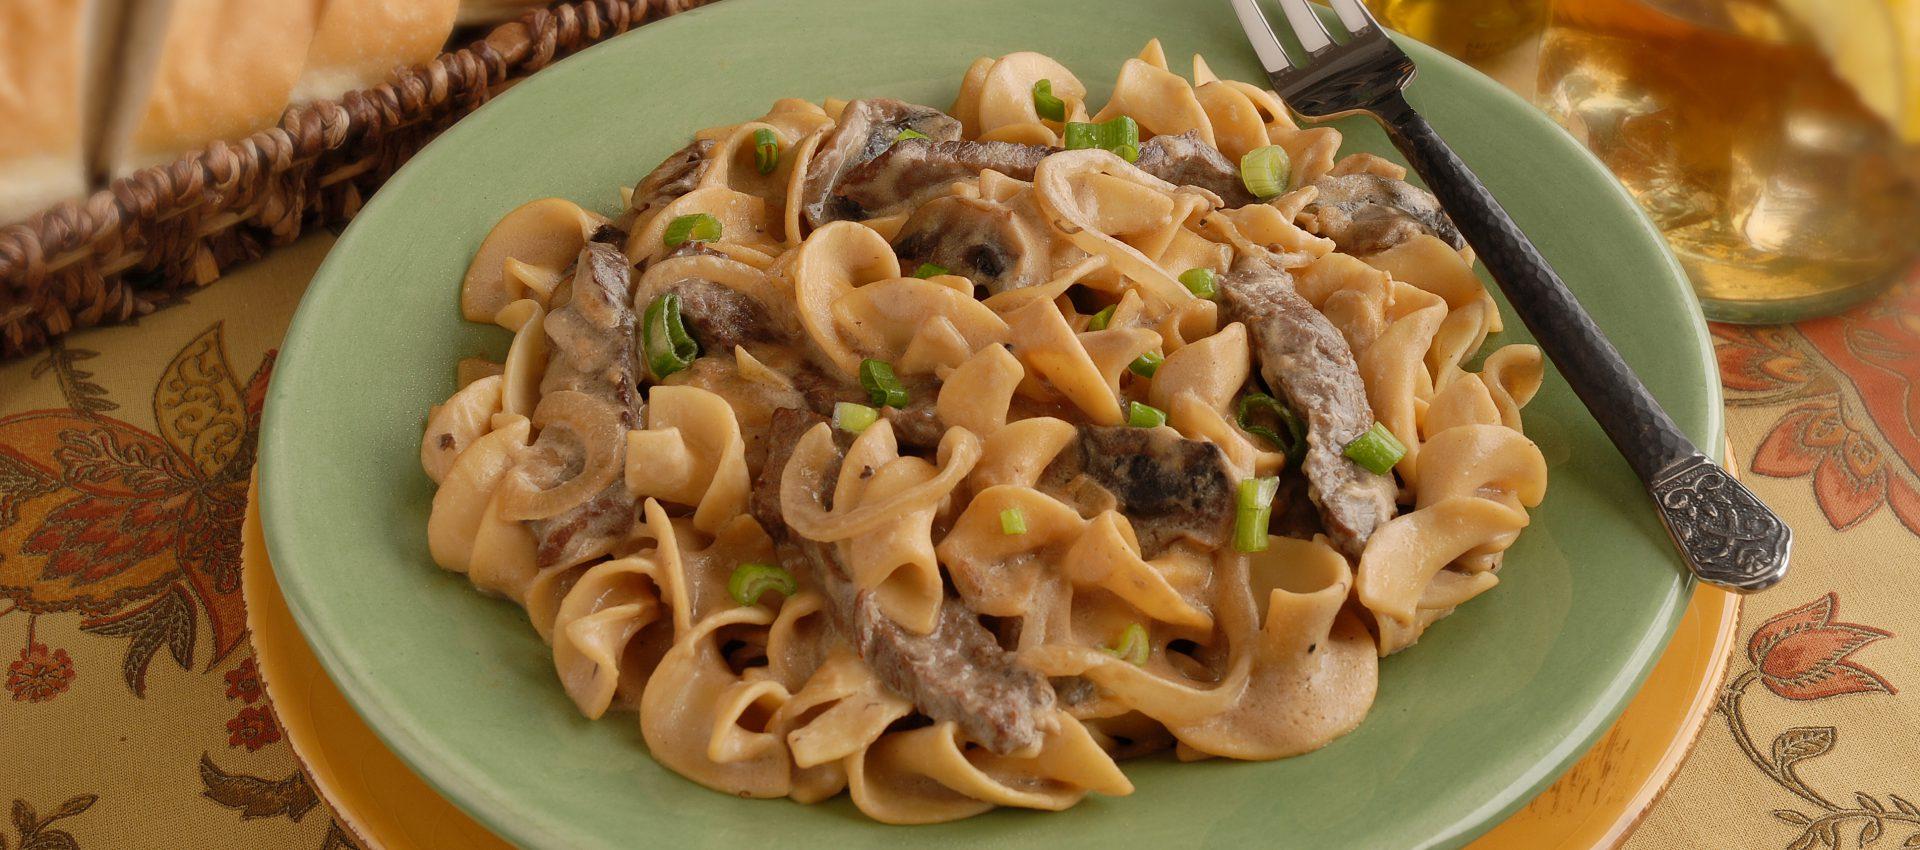 Beef-Stroganoff1-1920x850 Beef Stroganoff and Noodles